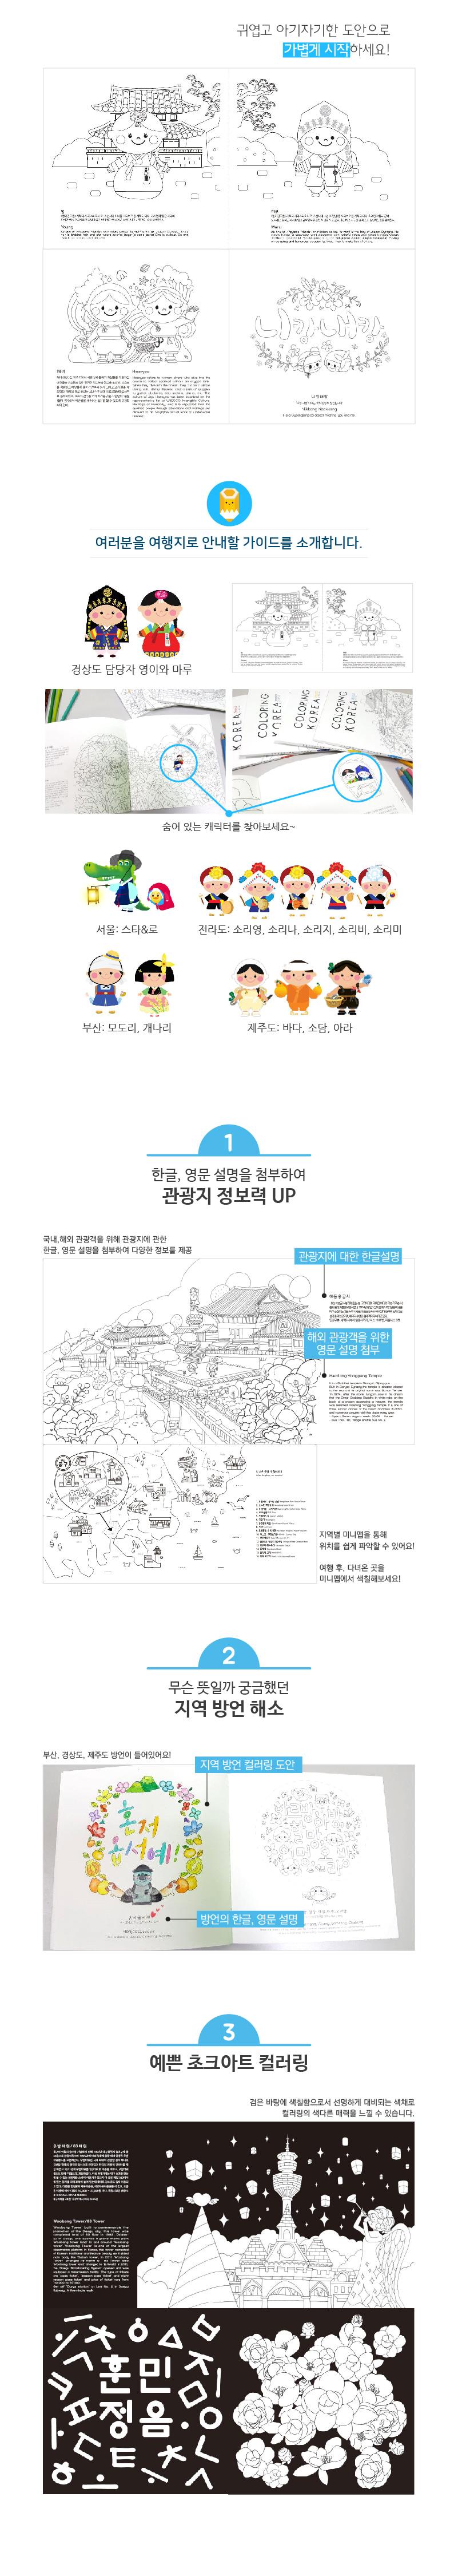 힐링 여행 컬러링북 컬러링 코리아 - 뺨이, 10,000원, 기능성노트, 기타 기능성 노트